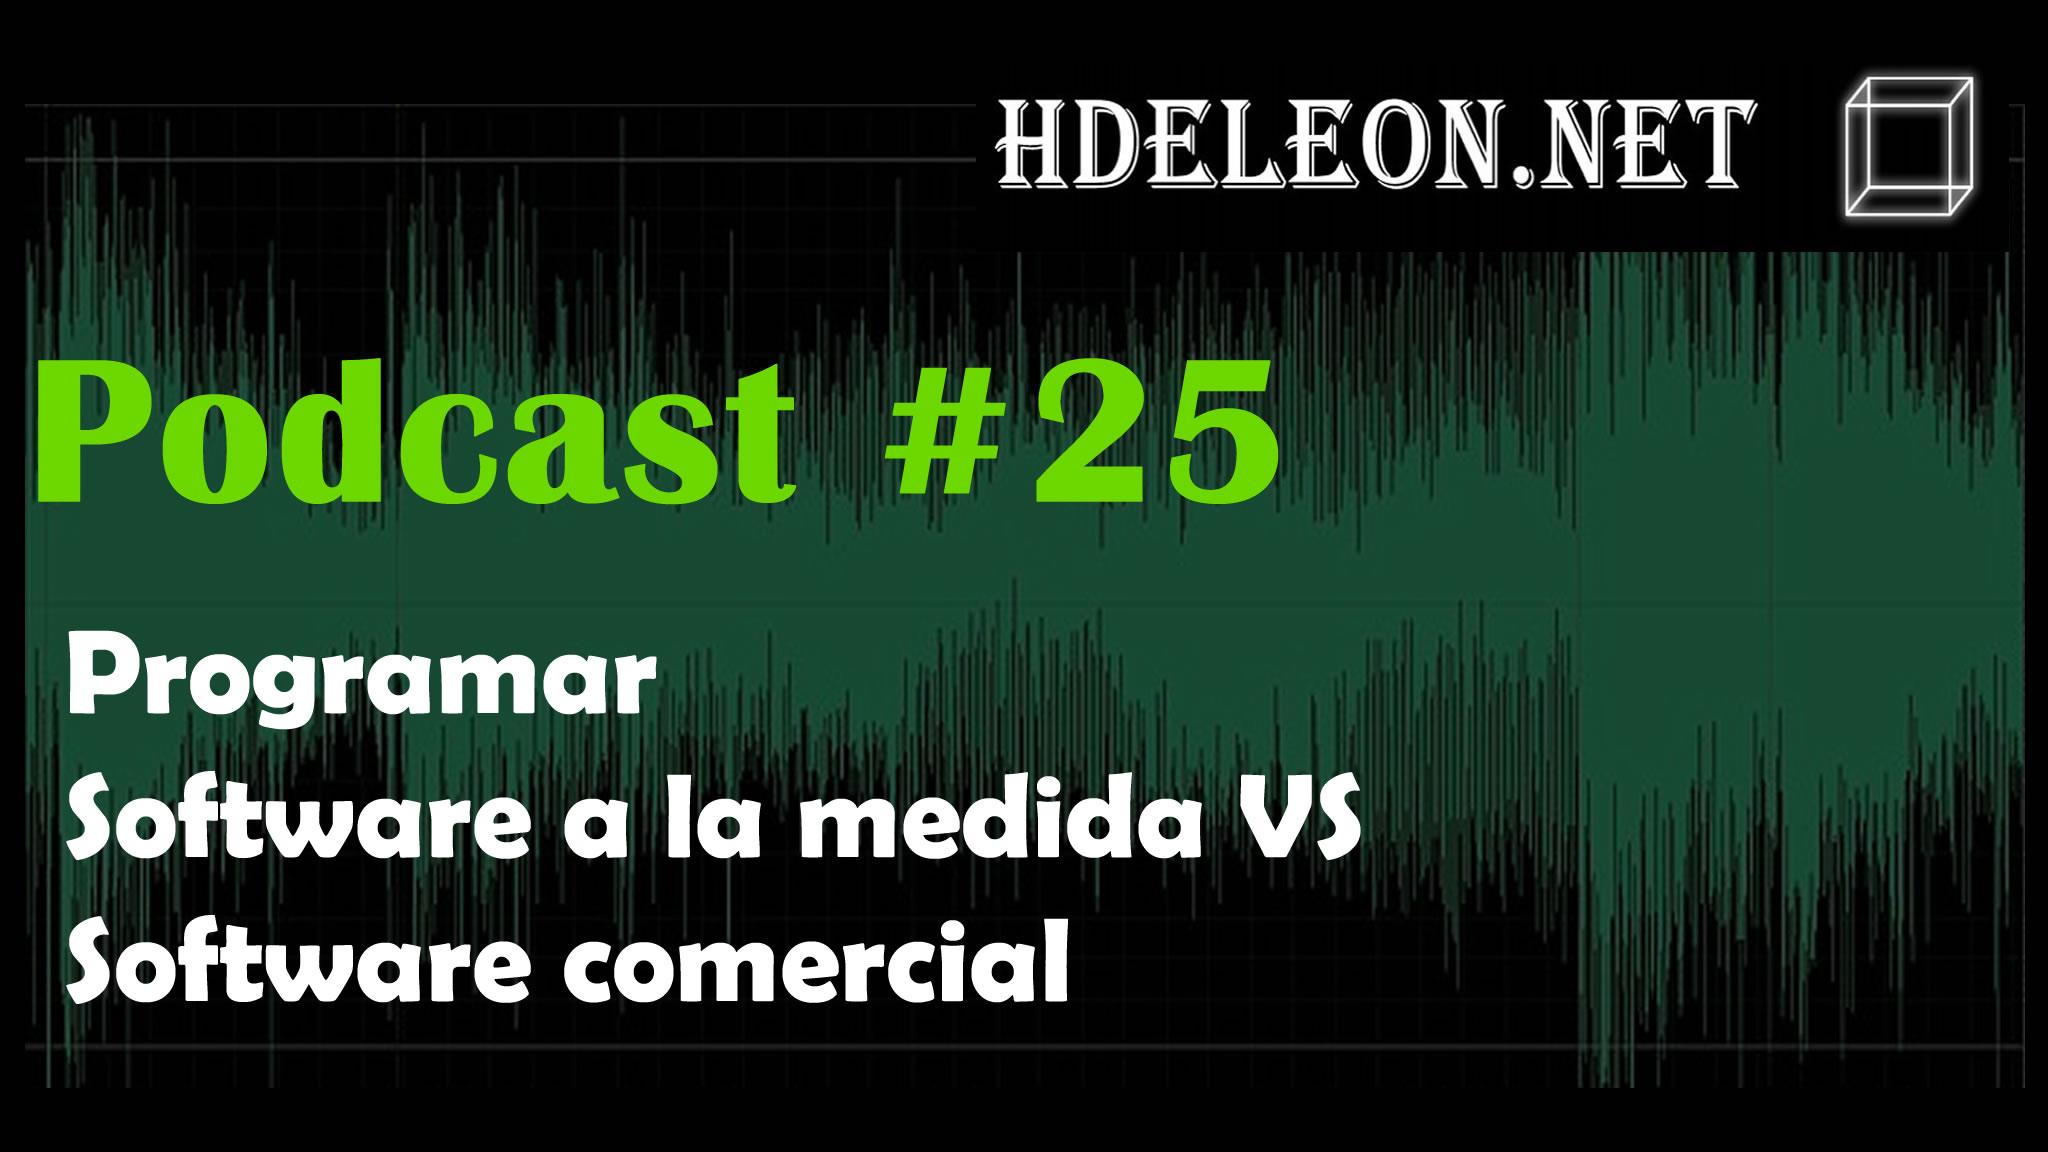 Podcast #25 – Programar software a la medida vs software comercial